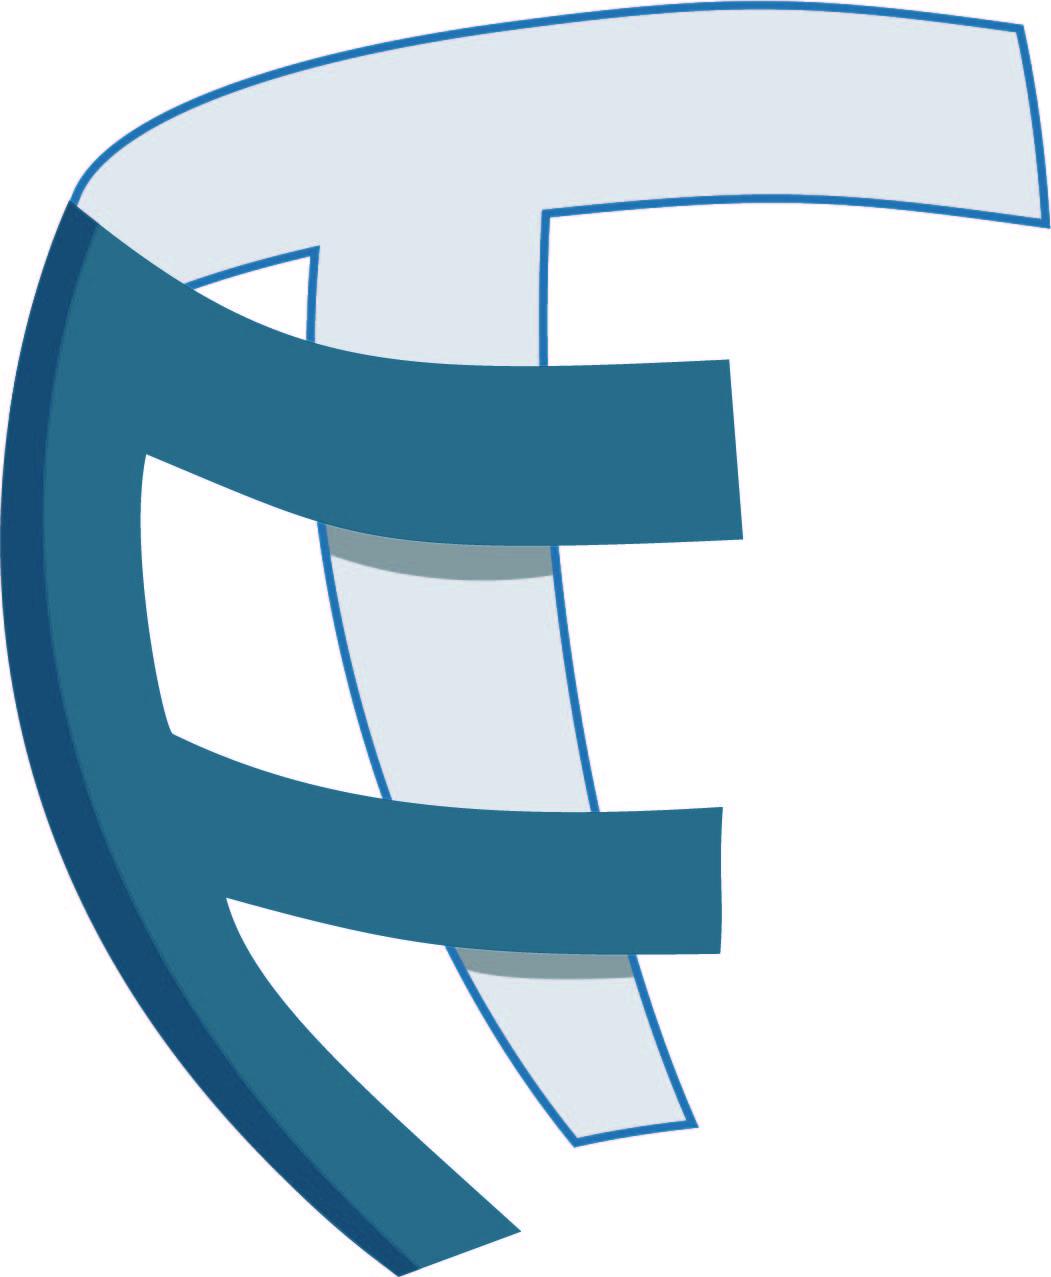 Разработка логотипа и дизайна на упаковку для сухой смеси фото f_2595d284c09dfe69.jpg